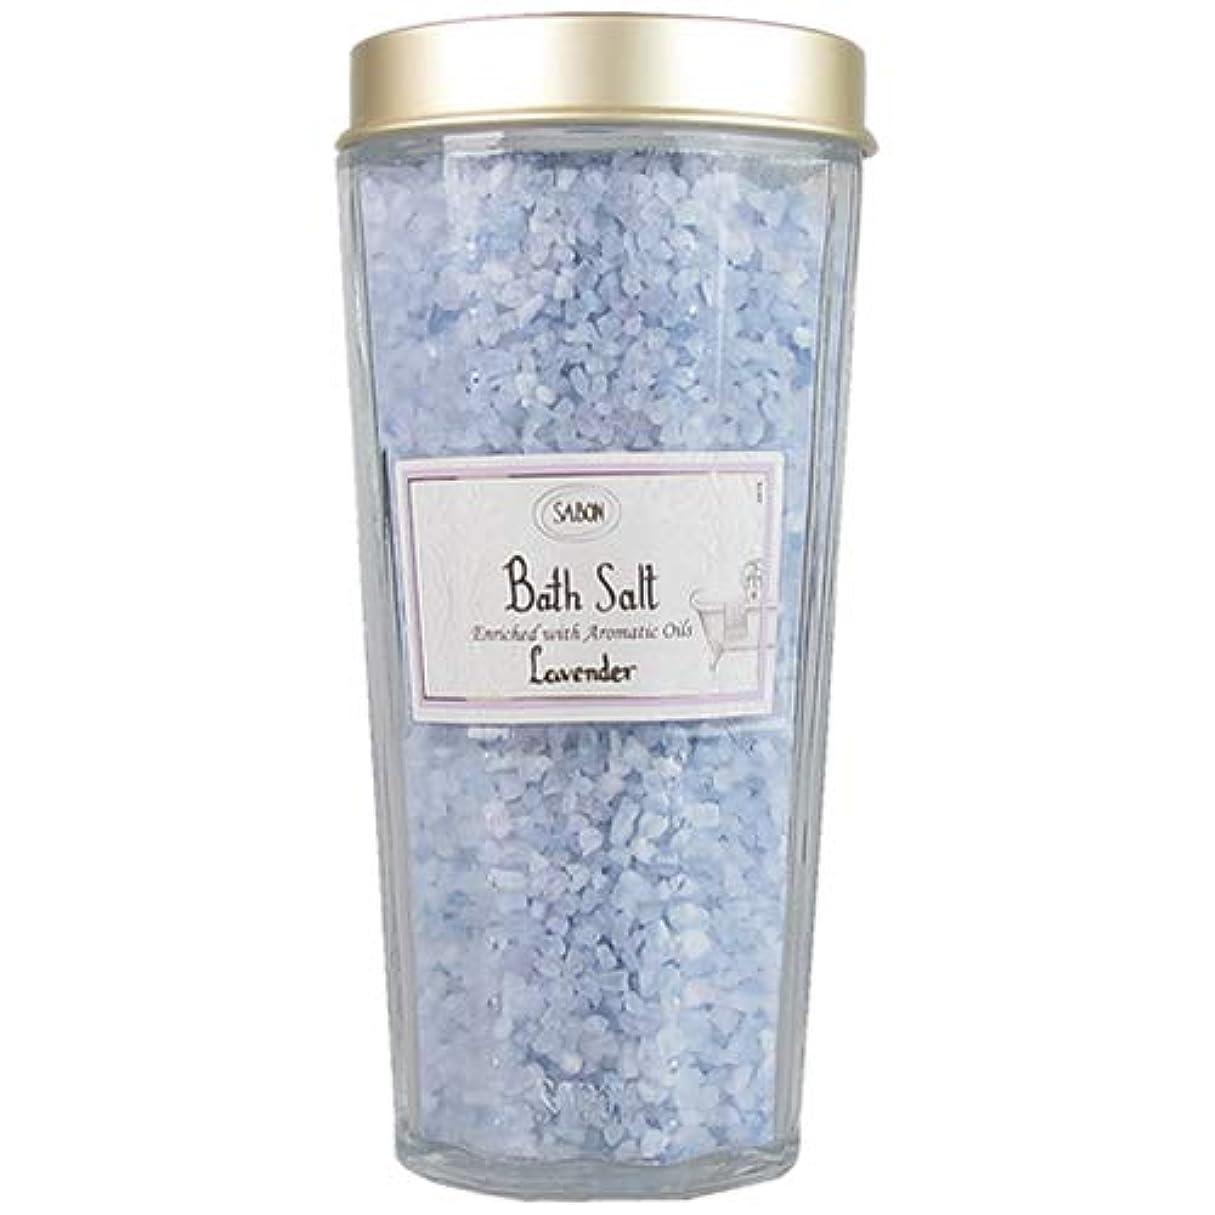 手入れ誇張これまでサボン バスソルト ラベンダー 350g SABON [入浴剤] Bath Salt [並行輸入品]